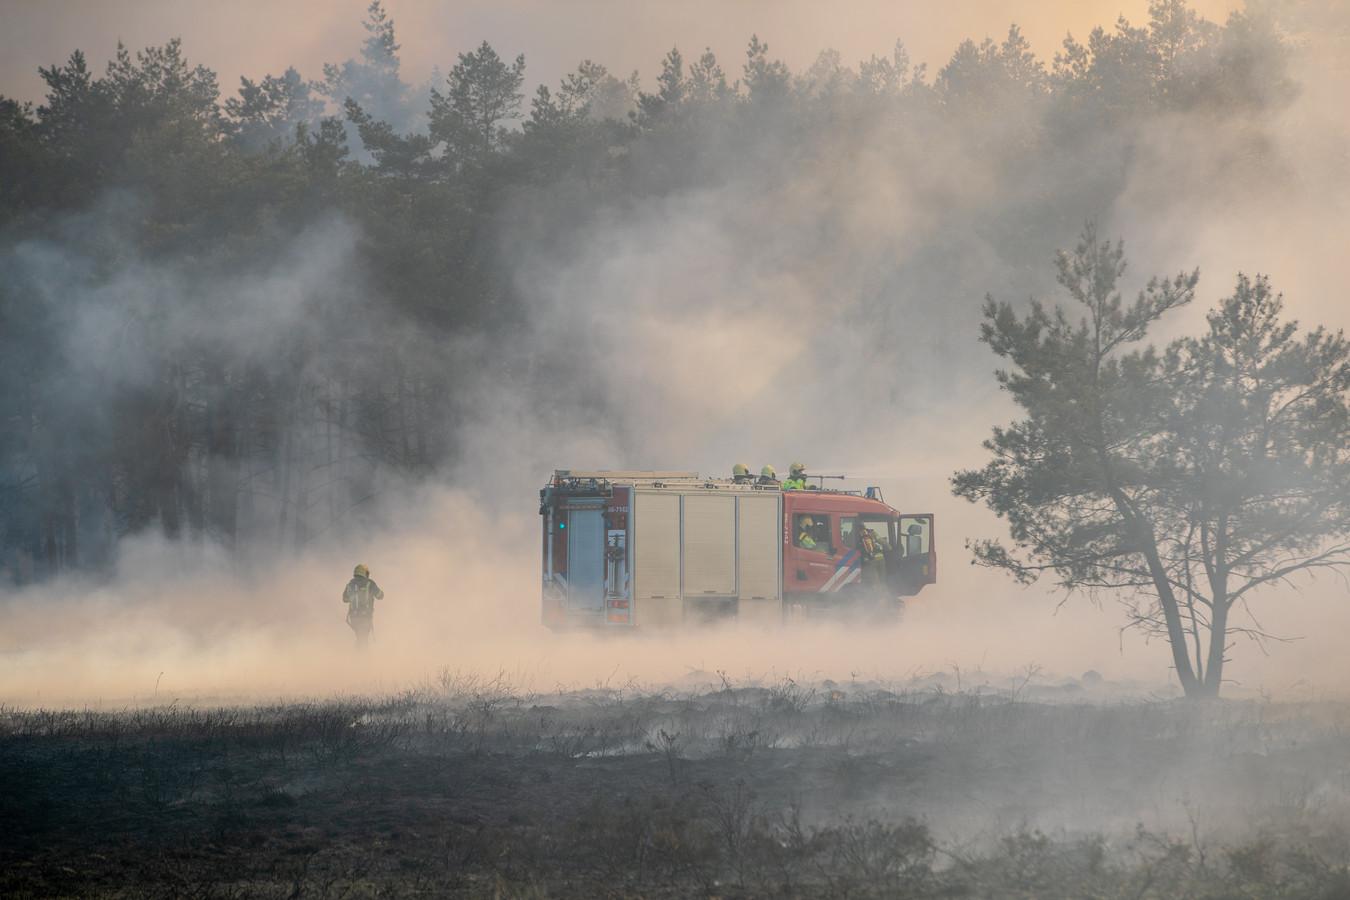 De brandweer had de handen vol aan de aangestoken heidebrand.